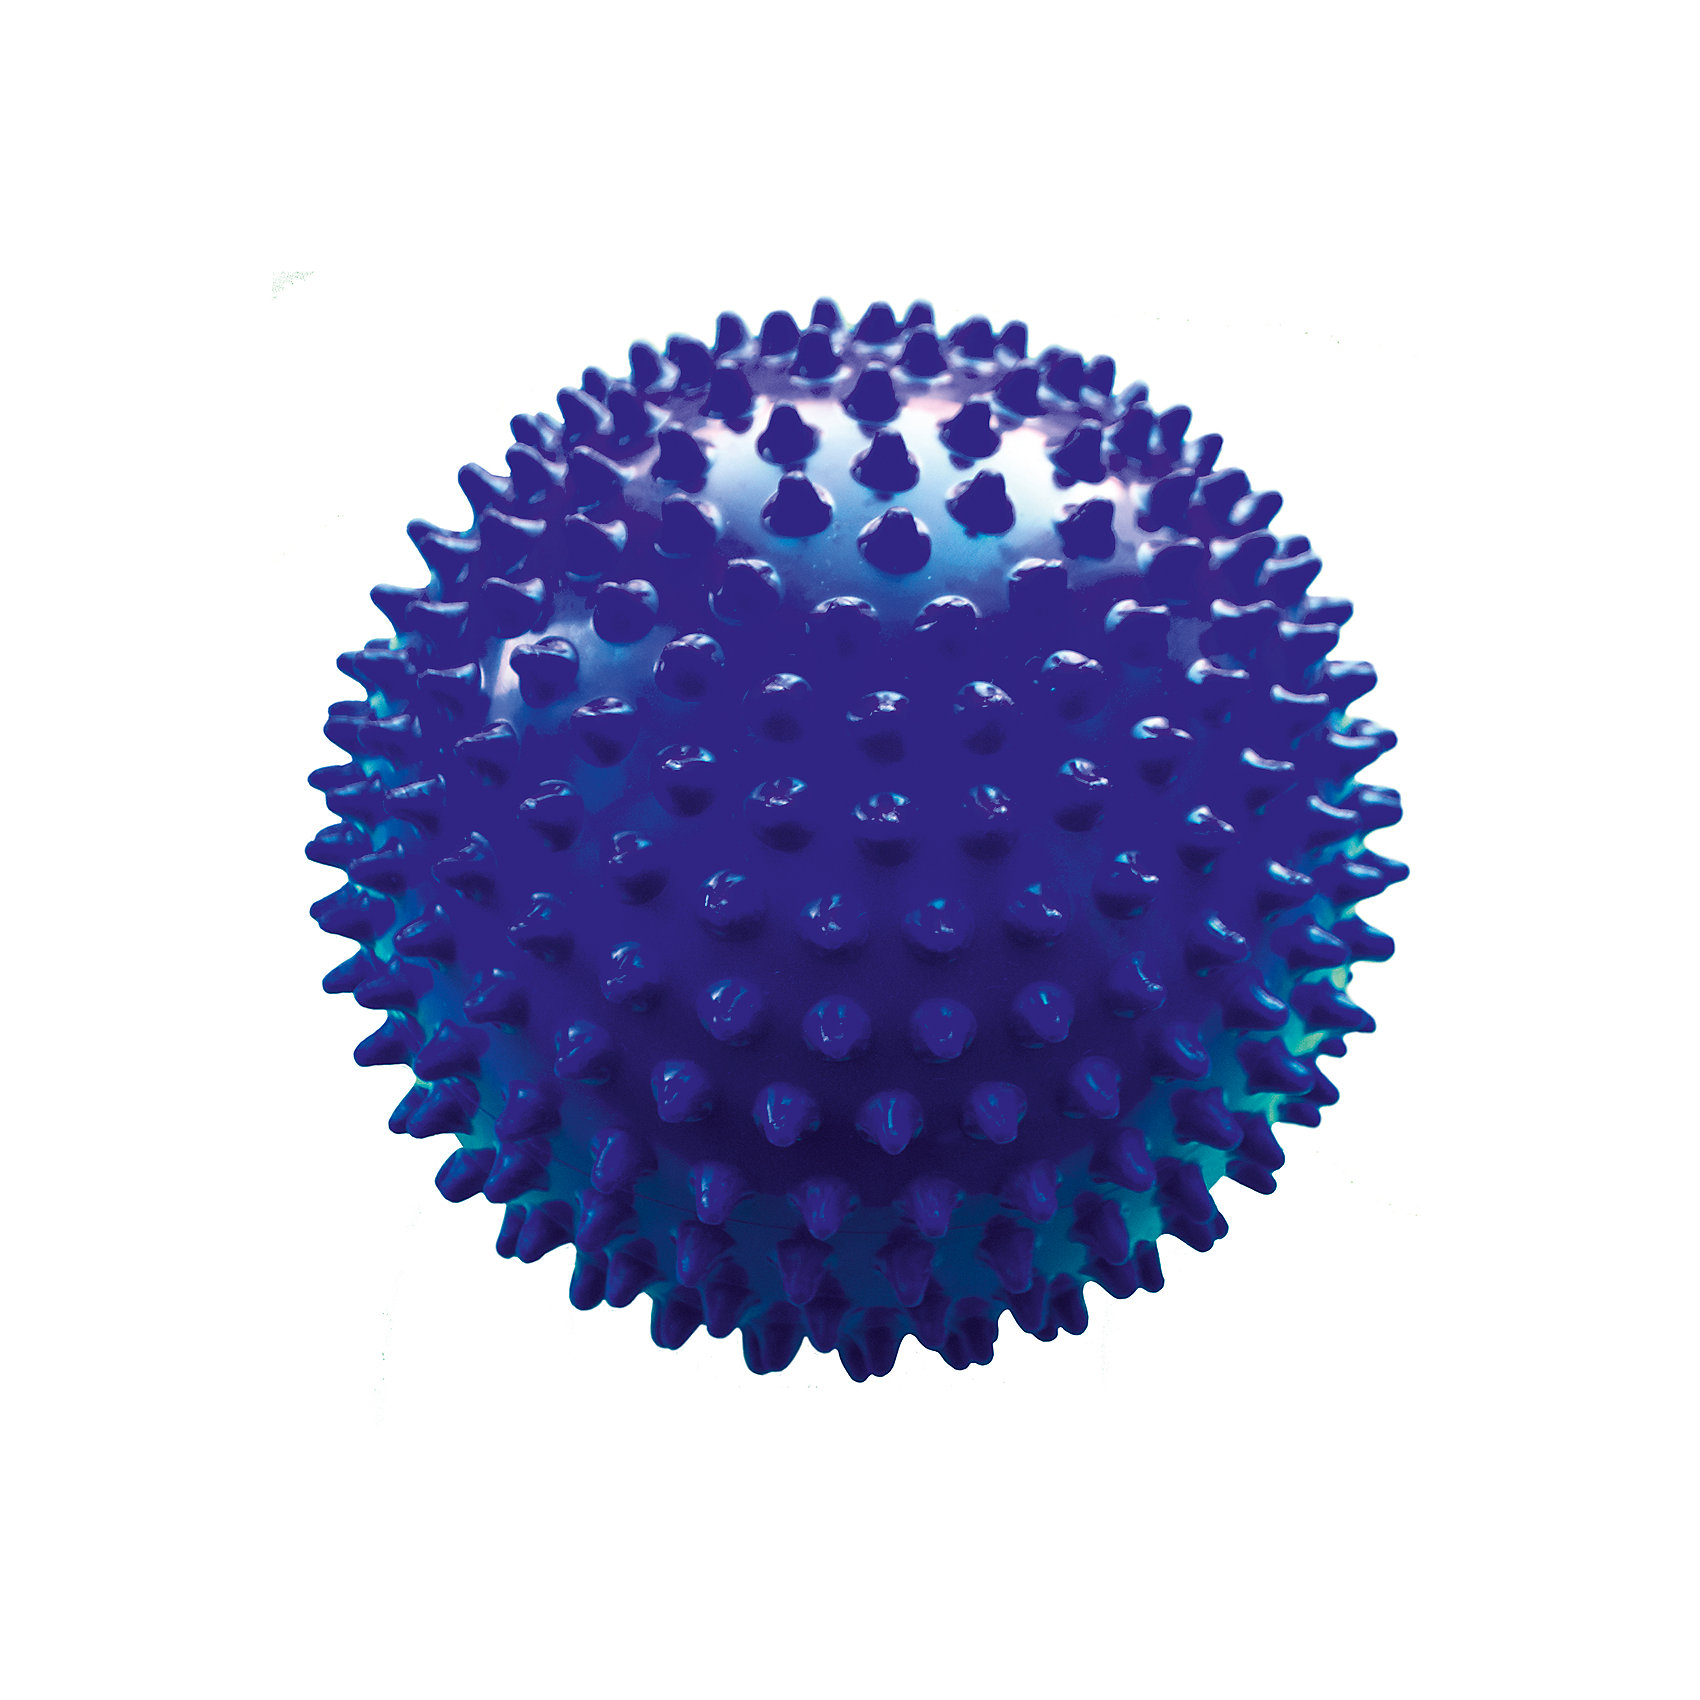 Мяч ёжик синий, 8,5 см, МалышОКМячи детские<br>Характеристики товара:<br><br>• диаметр мяча: 8,5 см;<br>• материал: ПВХ;<br>• цвет: синий;<br>• возраст: от 0 месяцев;<br>• размер упаковки: 9х9х9 см;<br>• вес: 60 грамм;<br>• страна бренда: Россия.<br><br>Яркий мяч ёжик подойдет для игр, развития и купания малыша.<br><br>Занятия благотворно влияют на развитие центральной нервной системы, мускулатуры, а также уменьшают венозный застой и улучшают капиллярный кровоток. Игра способствует развитию тактильных навыков, цветового восприятия, координации движений и мелкой моторики.<br><br>Мяч изготовлен из гипоаллергенного материала.<br><br>Мяч ёжик синий, 8,5 см, МалышОК можно купить в нашем интернет-магазине.<br><br>Ширина мм: 90<br>Глубина мм: 90<br>Высота мм: 90<br>Вес г: 60<br>Возраст от месяцев: 6<br>Возраст до месяцев: 2147483647<br>Пол: Унисекс<br>Возраст: Детский<br>SKU: 6894017